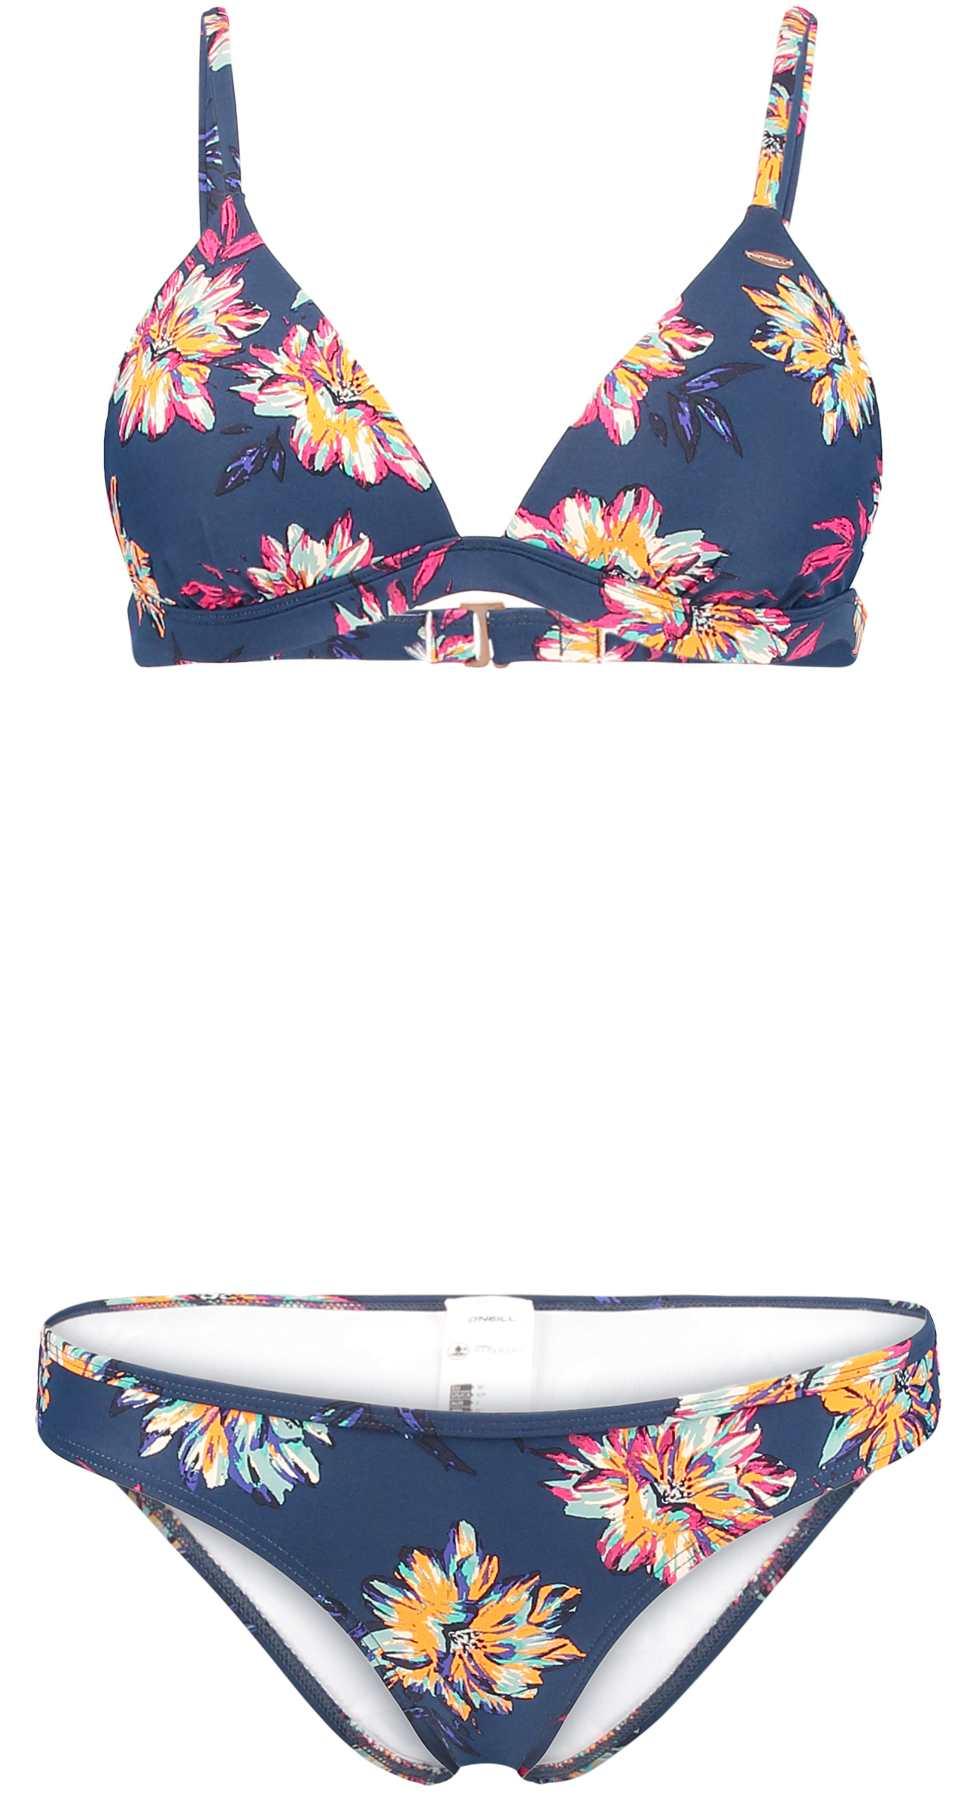 O'Neill Balmy Night Bikinis Bikini Sneakernews Libre D'expédition Achat Frais De Port Offerts Livraison Gratuite Vraiment Pas Cher Livraison Gratuite Le Meilleur Gros AU3oev9